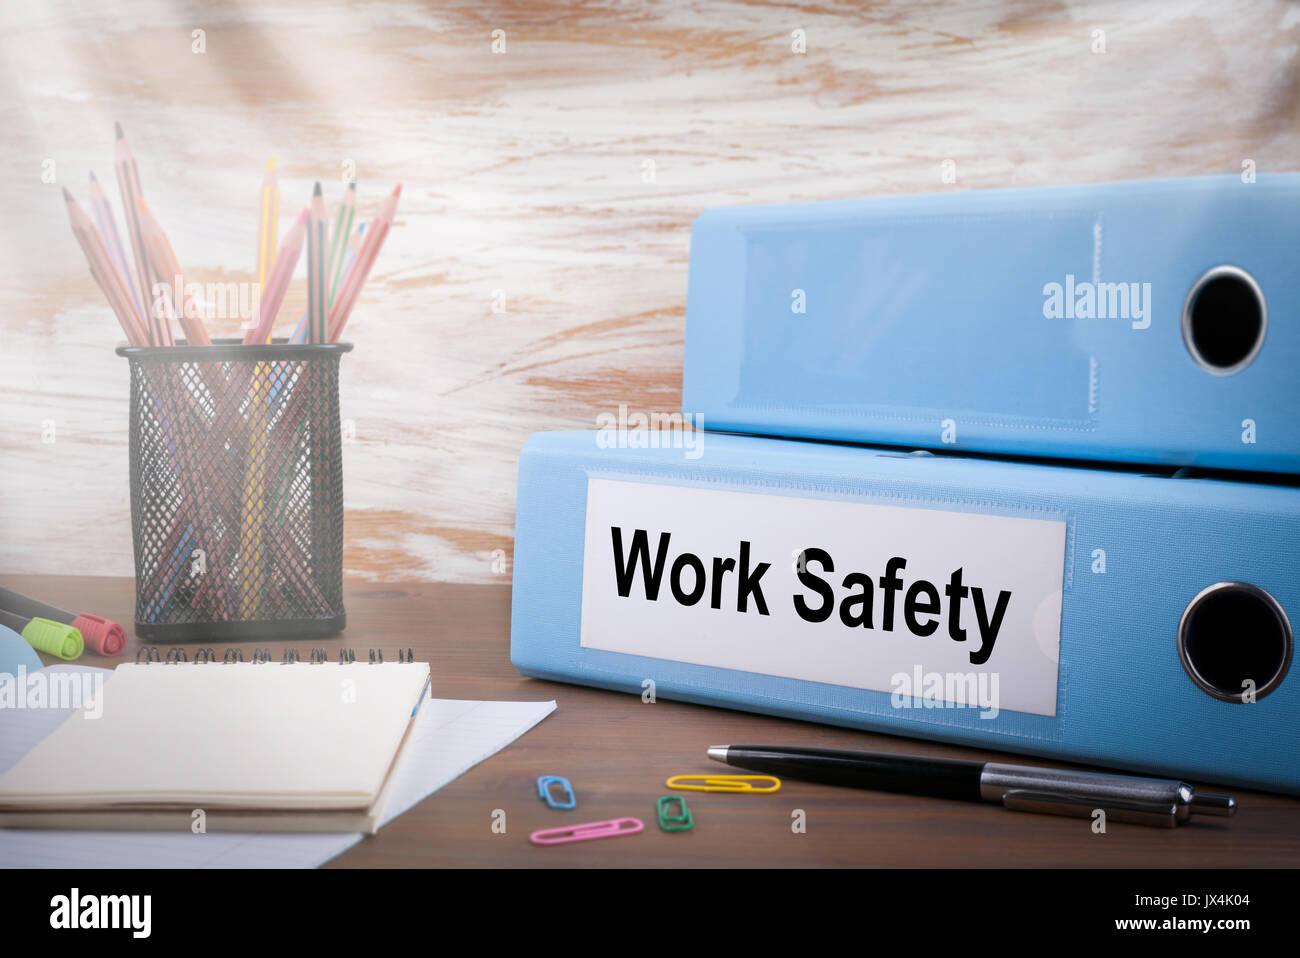 Sicurezza sul lavoro, raccoglitore da ufficio sulla scrivania di legno. Sul tavolo matite colorate, penna, quaderno. Immagini Stock